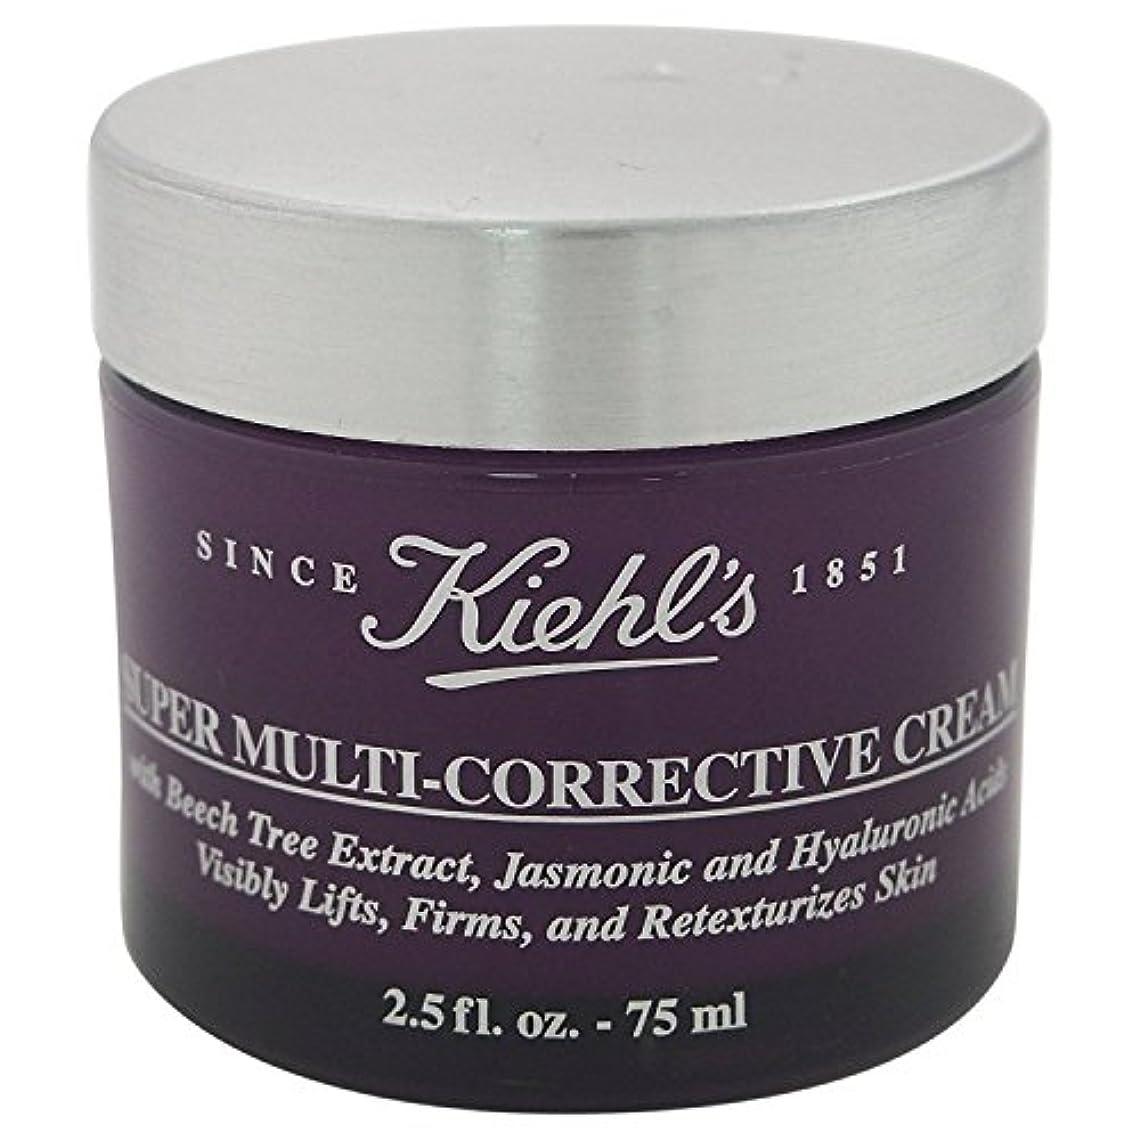 リンス回答信頼性のあるキールズ(Kiehl's) スーパー マルチ コレクティブ クリーム 75ml [並行輸入品]